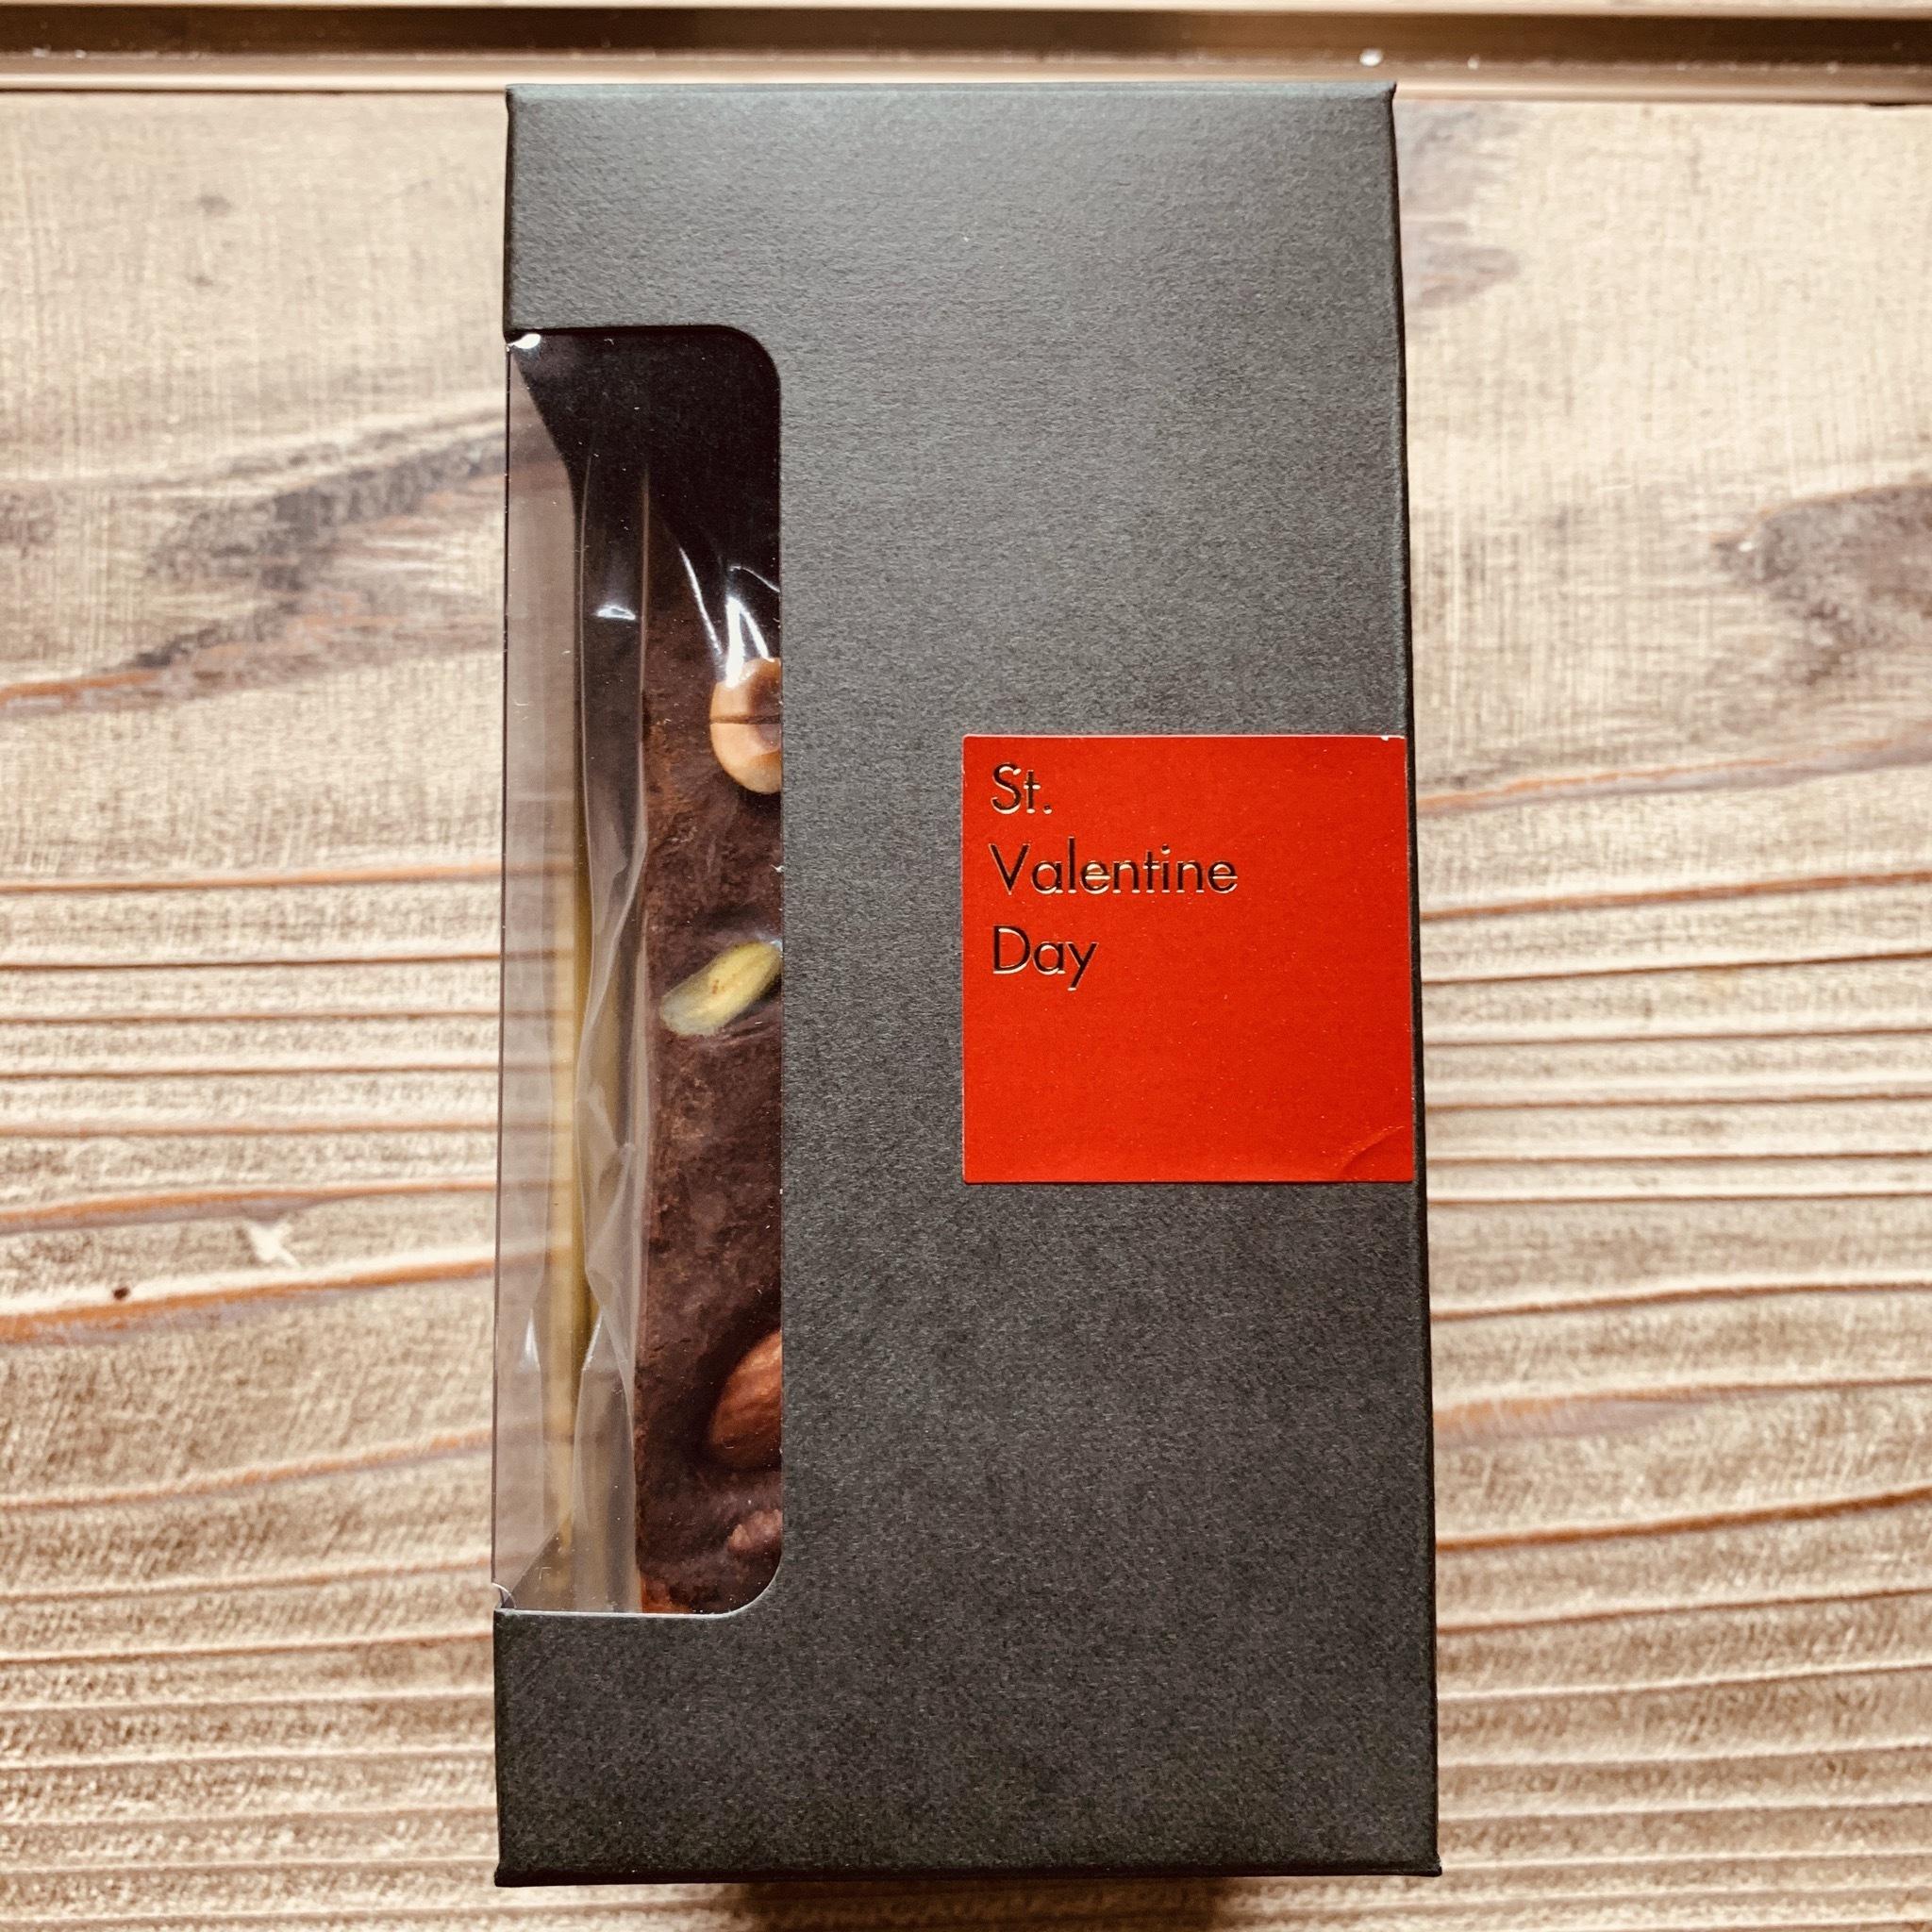 店頭渡し専用 バレンタイン限定(2/11~2/14) ナッツたっぷりベイクチョコレート(ドミニカ産オーガニックチョコレート使用)